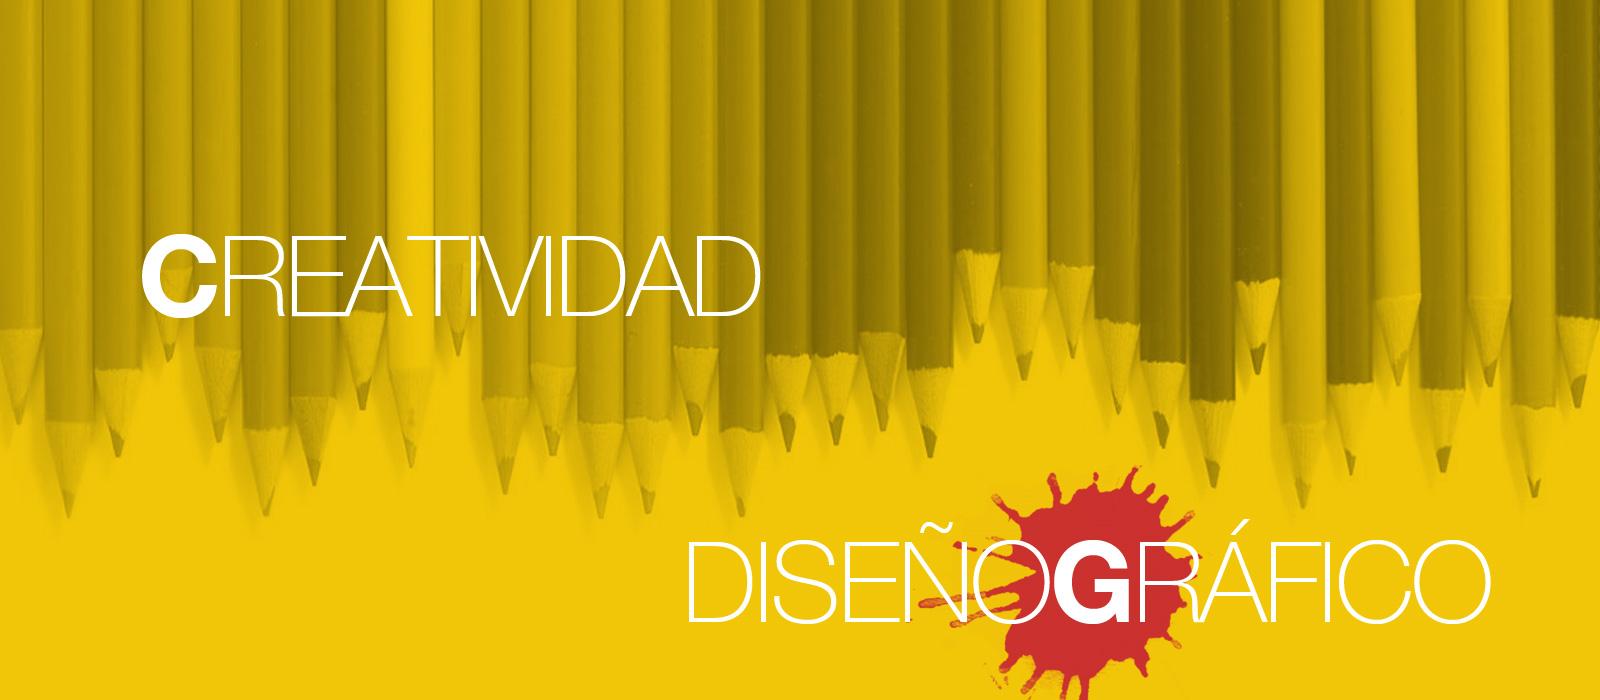 Comunicación audiovisual - OmDigital Agencia Creativa